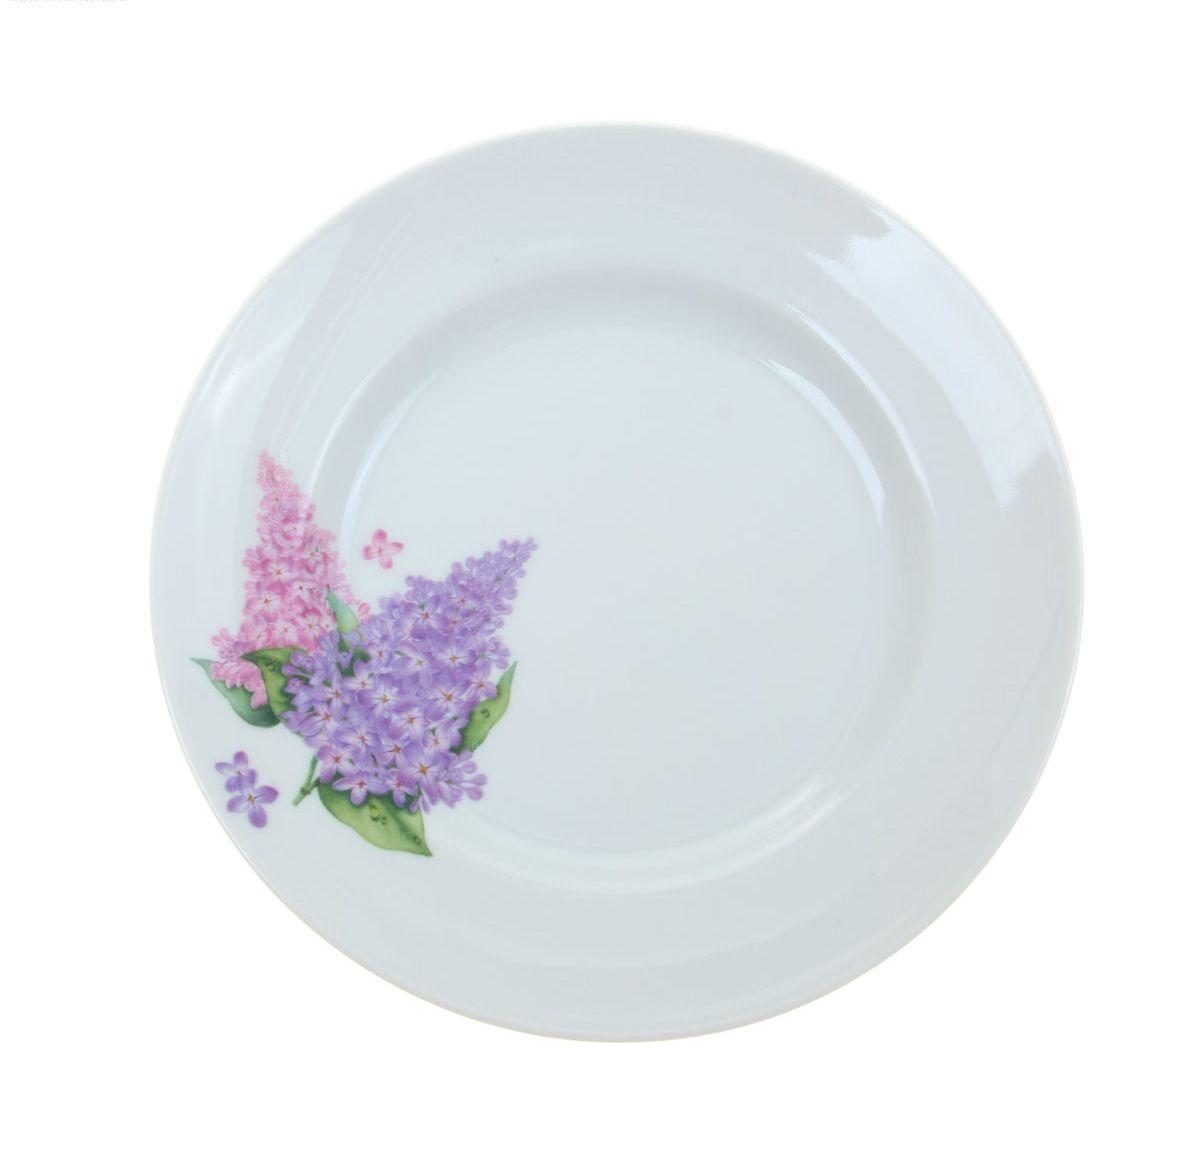 Тарелка мелкая Идиллия. Сирень, диаметр 20 см4С0189